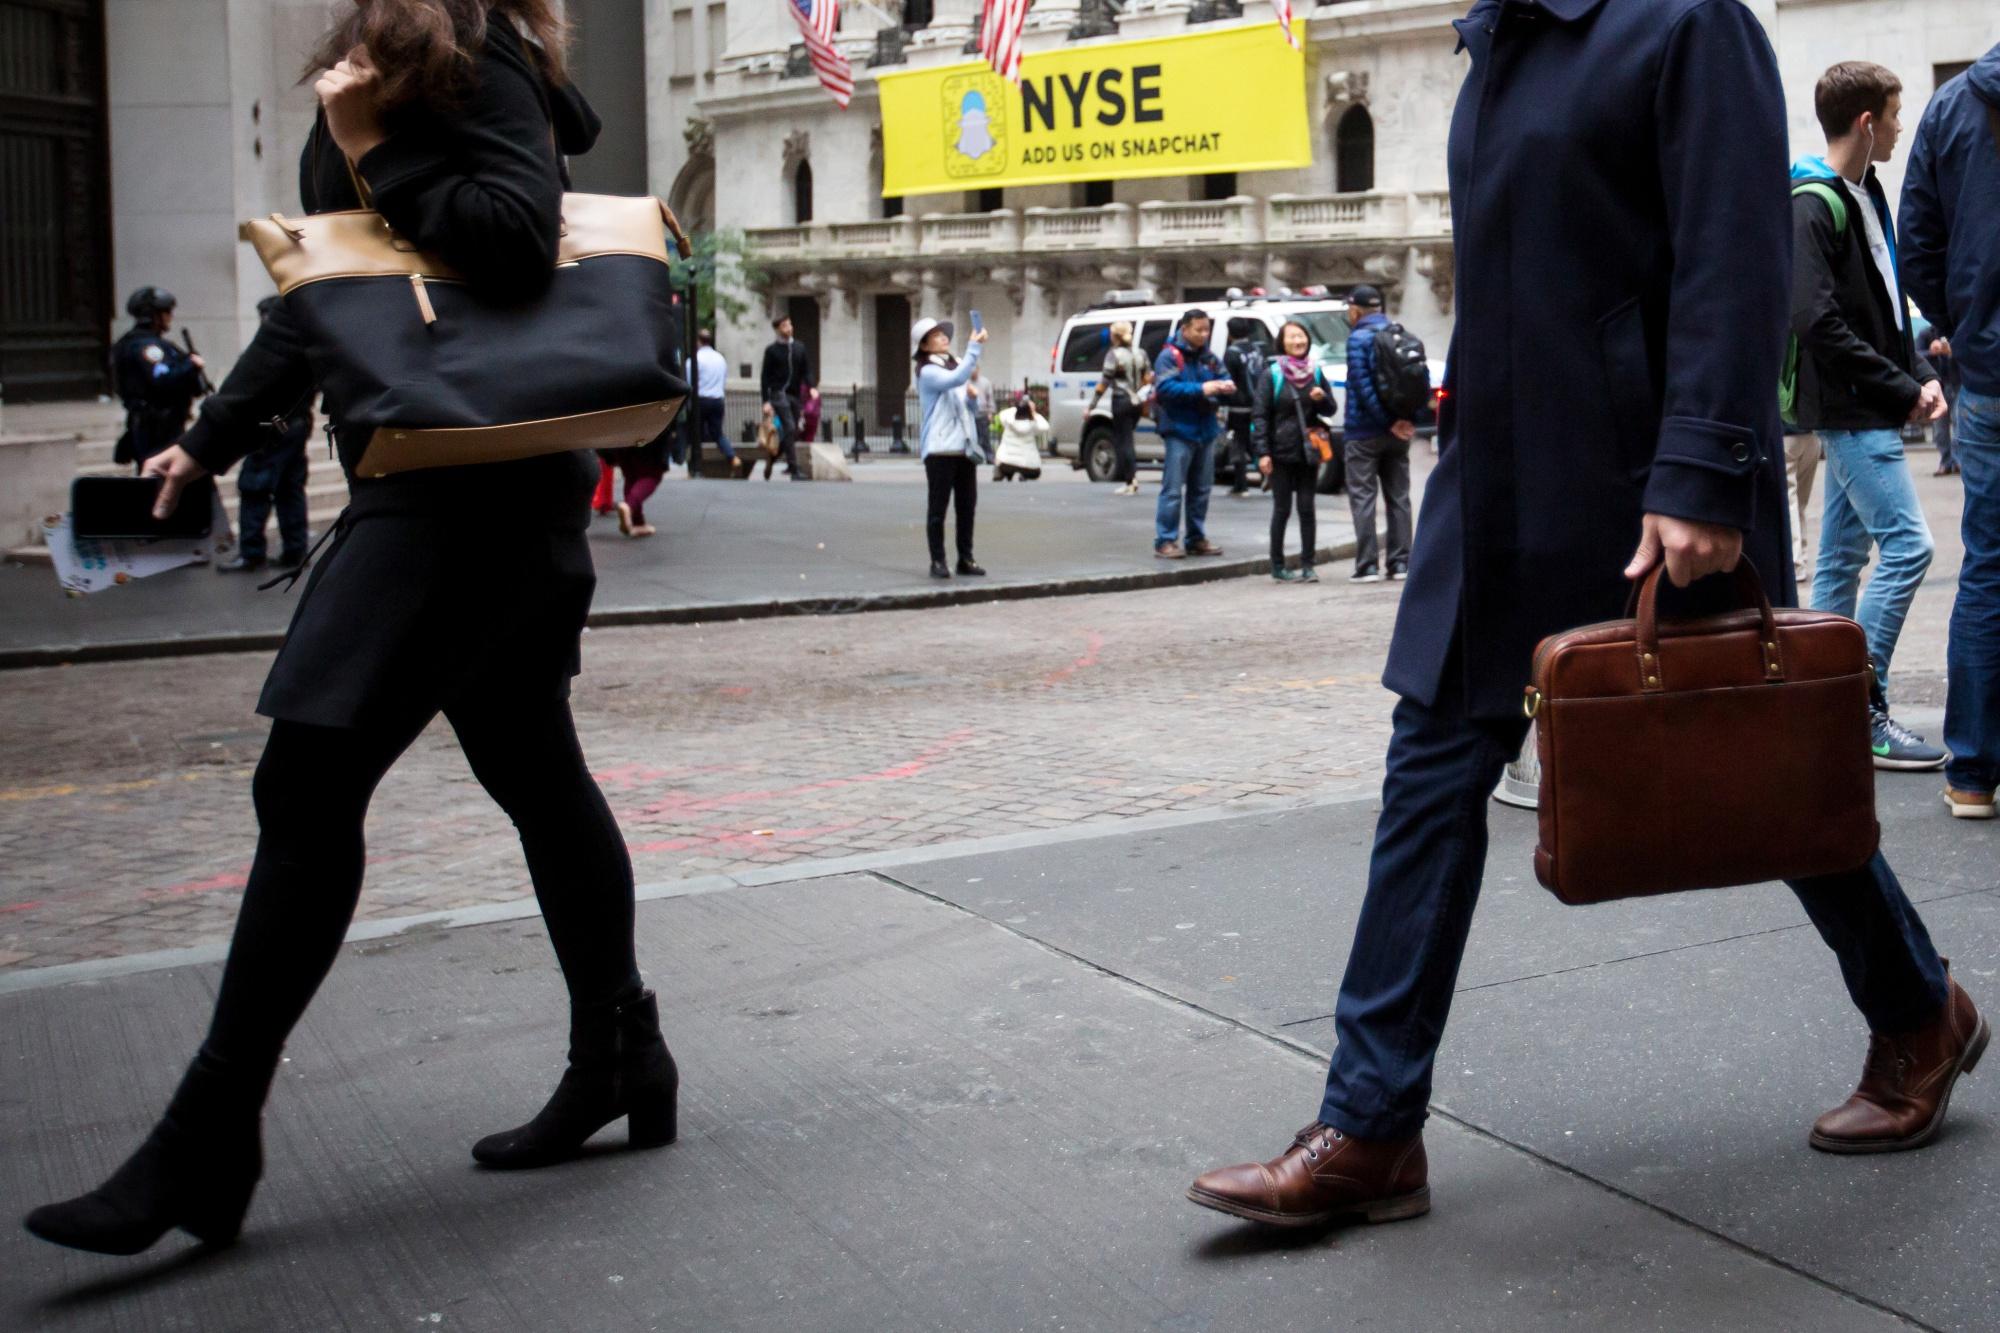 Duo managing $1.1 billion at Morgan Stanley moves to J.P. Morgan